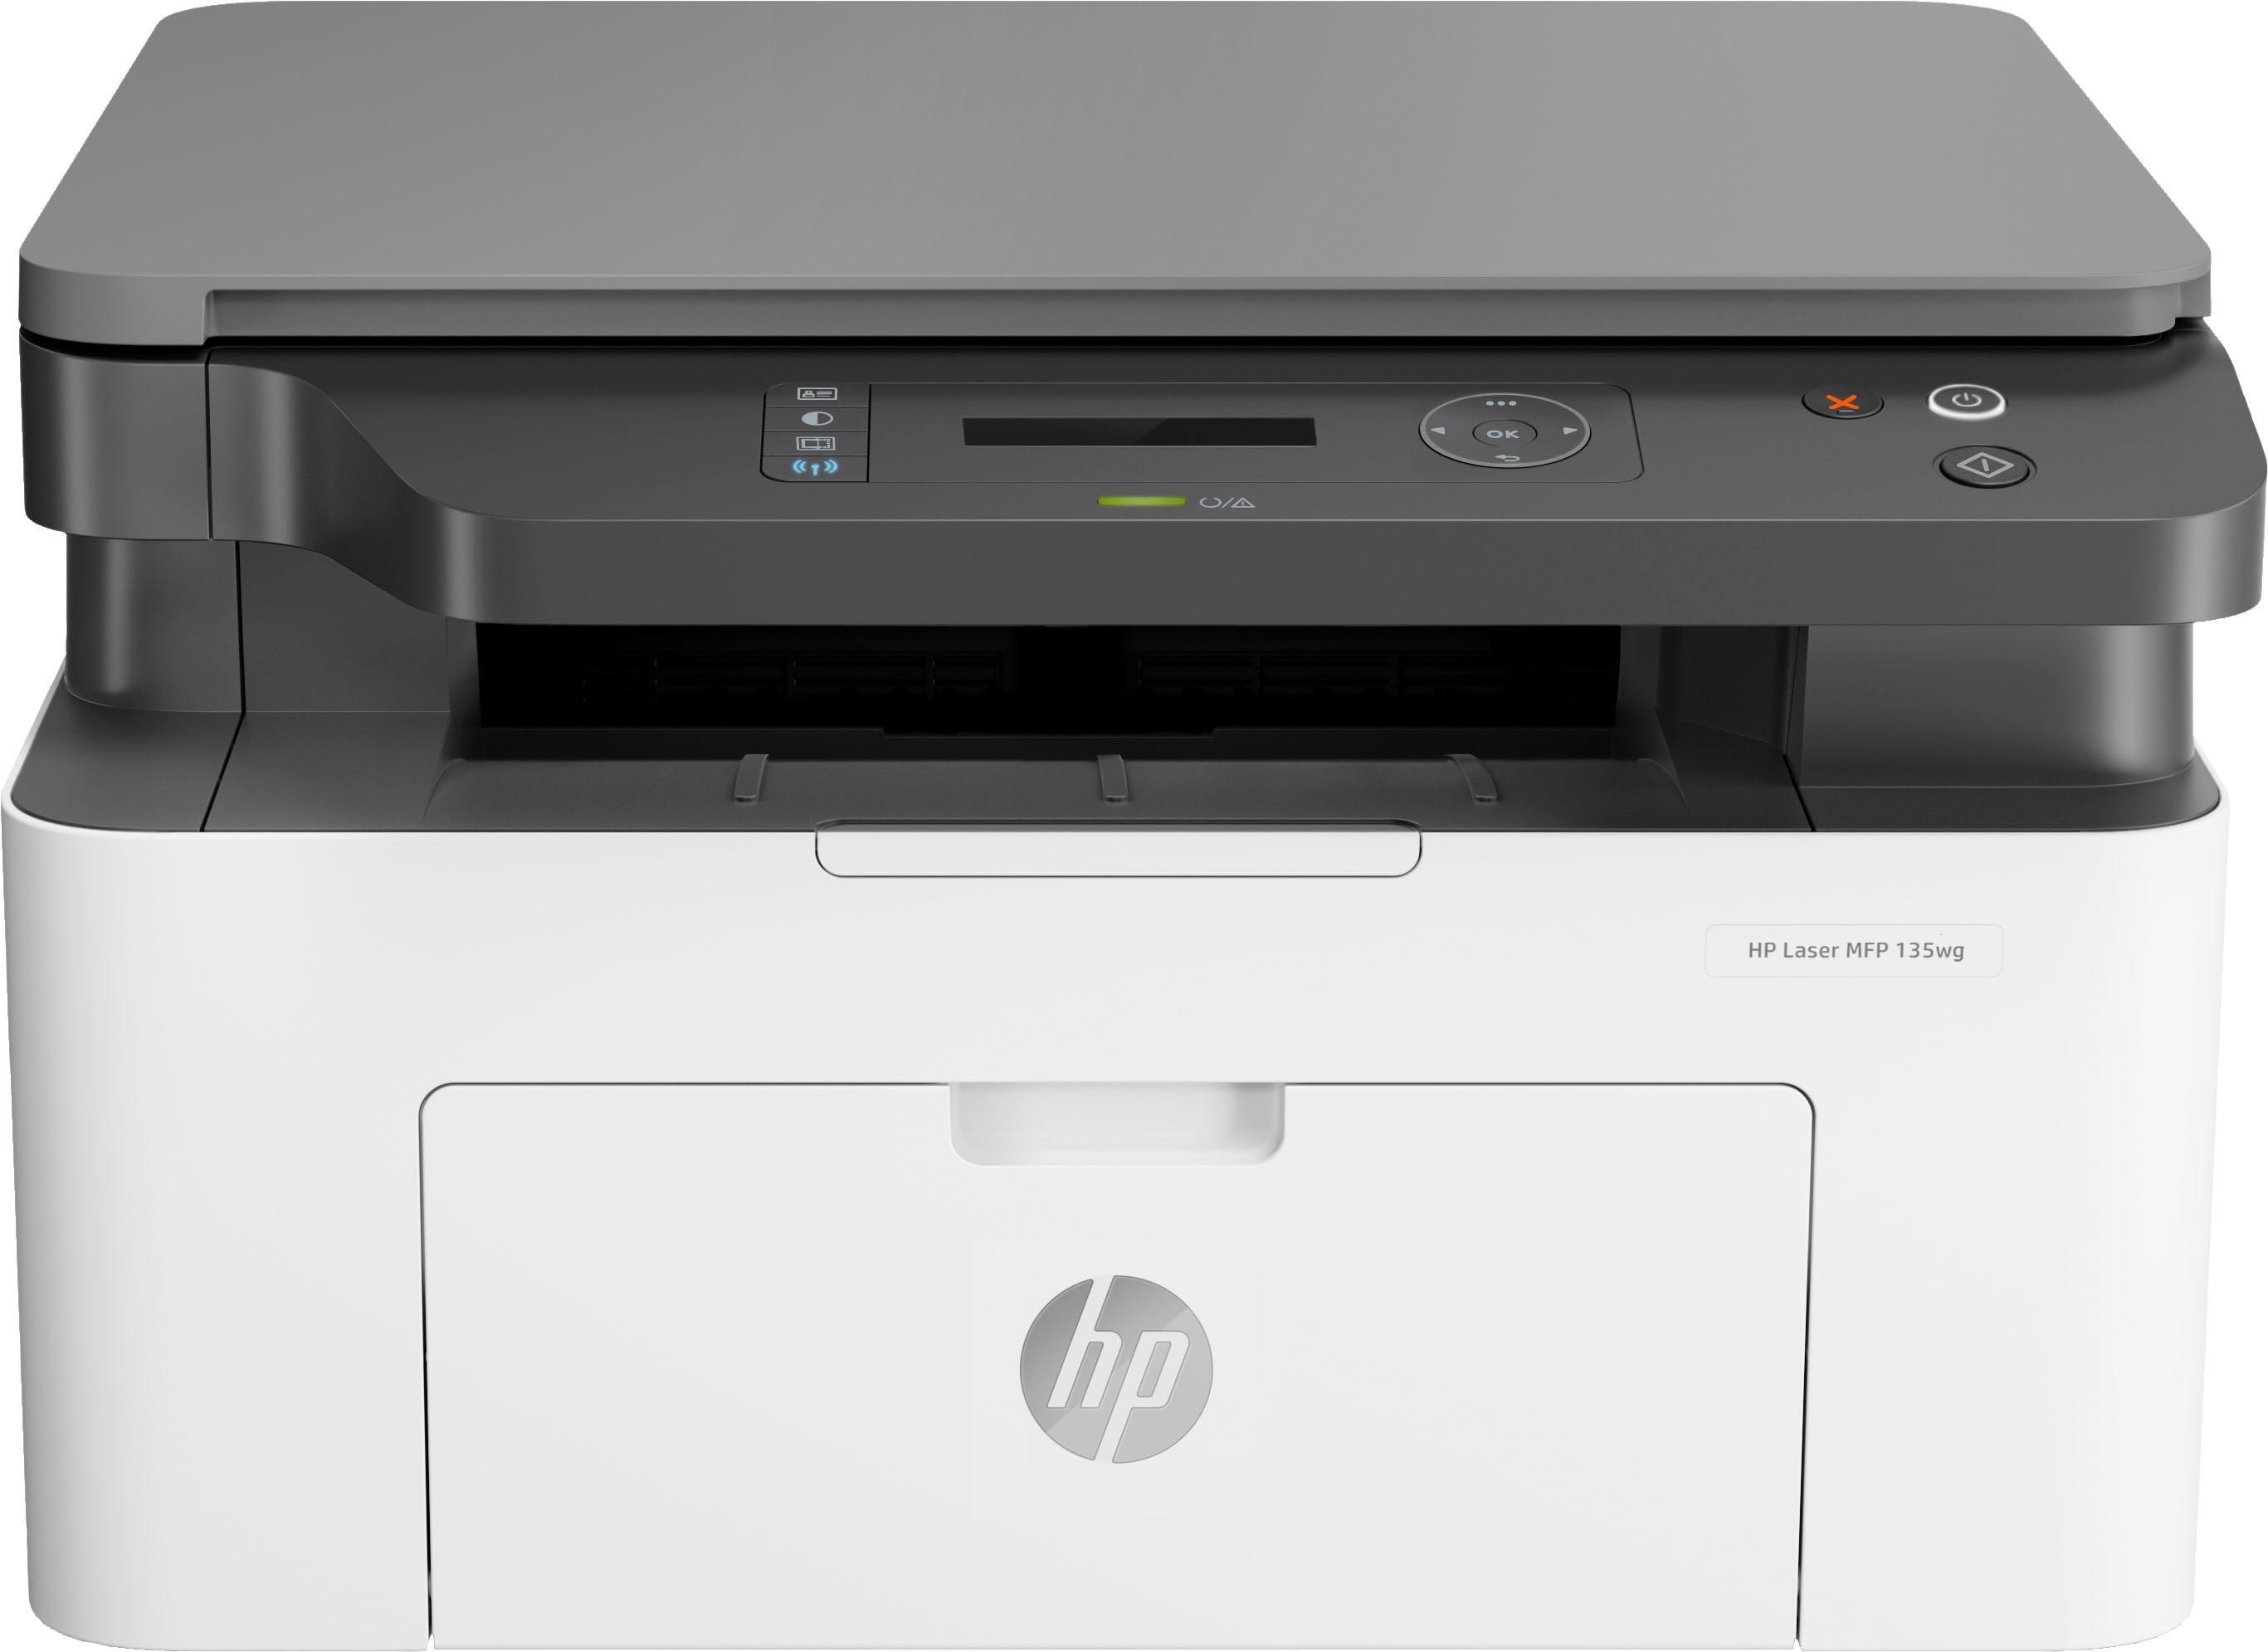 HP »Laser MFP 135wg« all-in-oneprinter veilig op otto.nl kopen